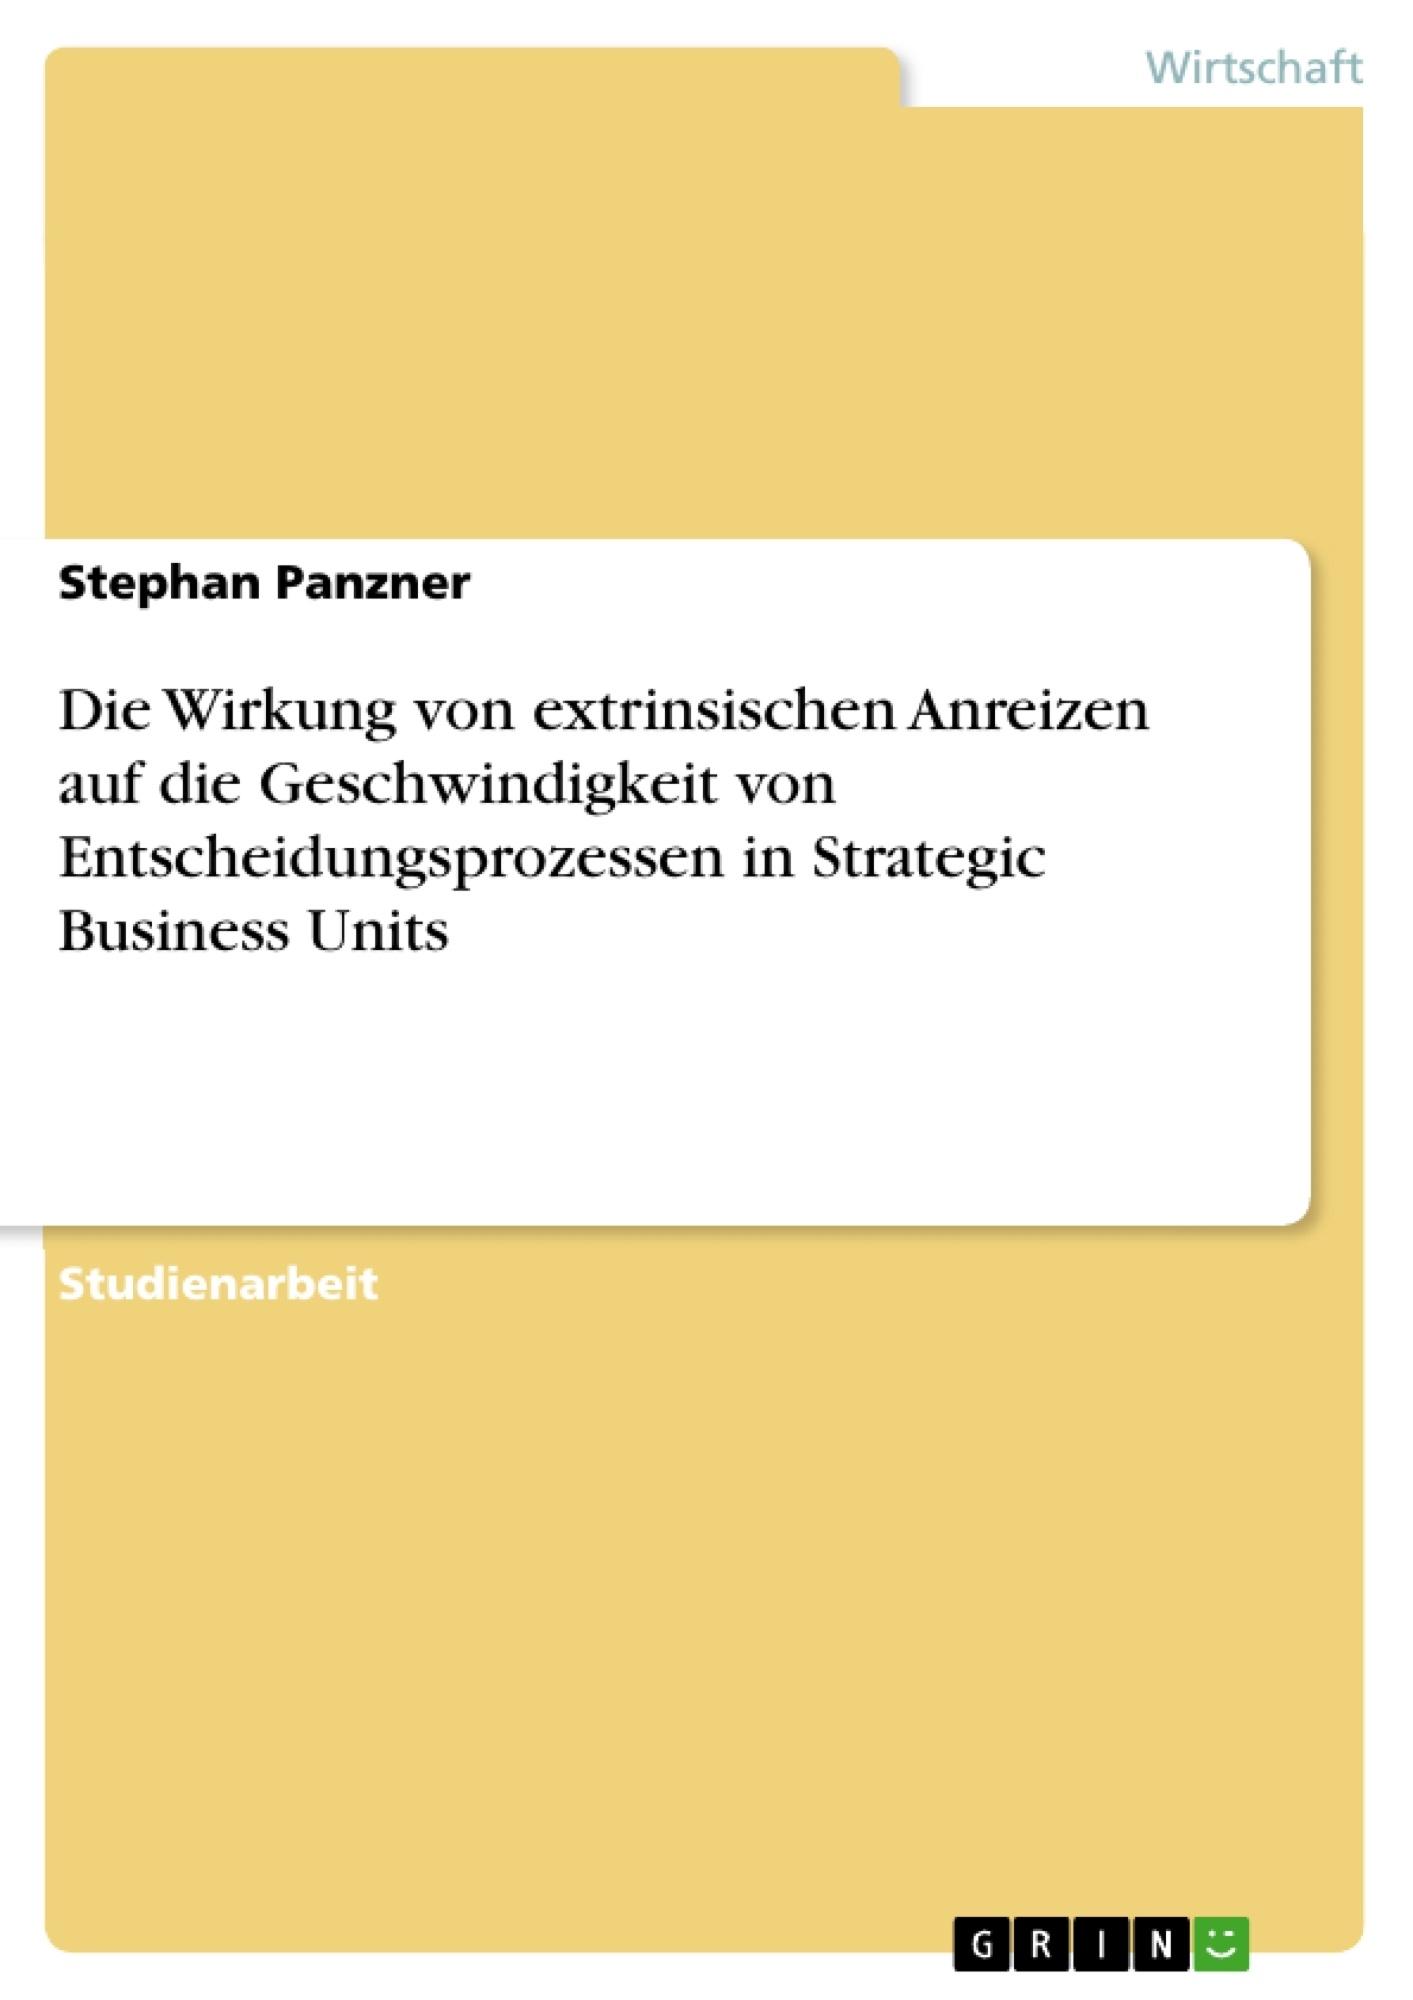 Titel: Die Wirkung von extrinsischen Anreizen auf die Geschwindigkeit von Entscheidungsprozessen in Strategic Business Units